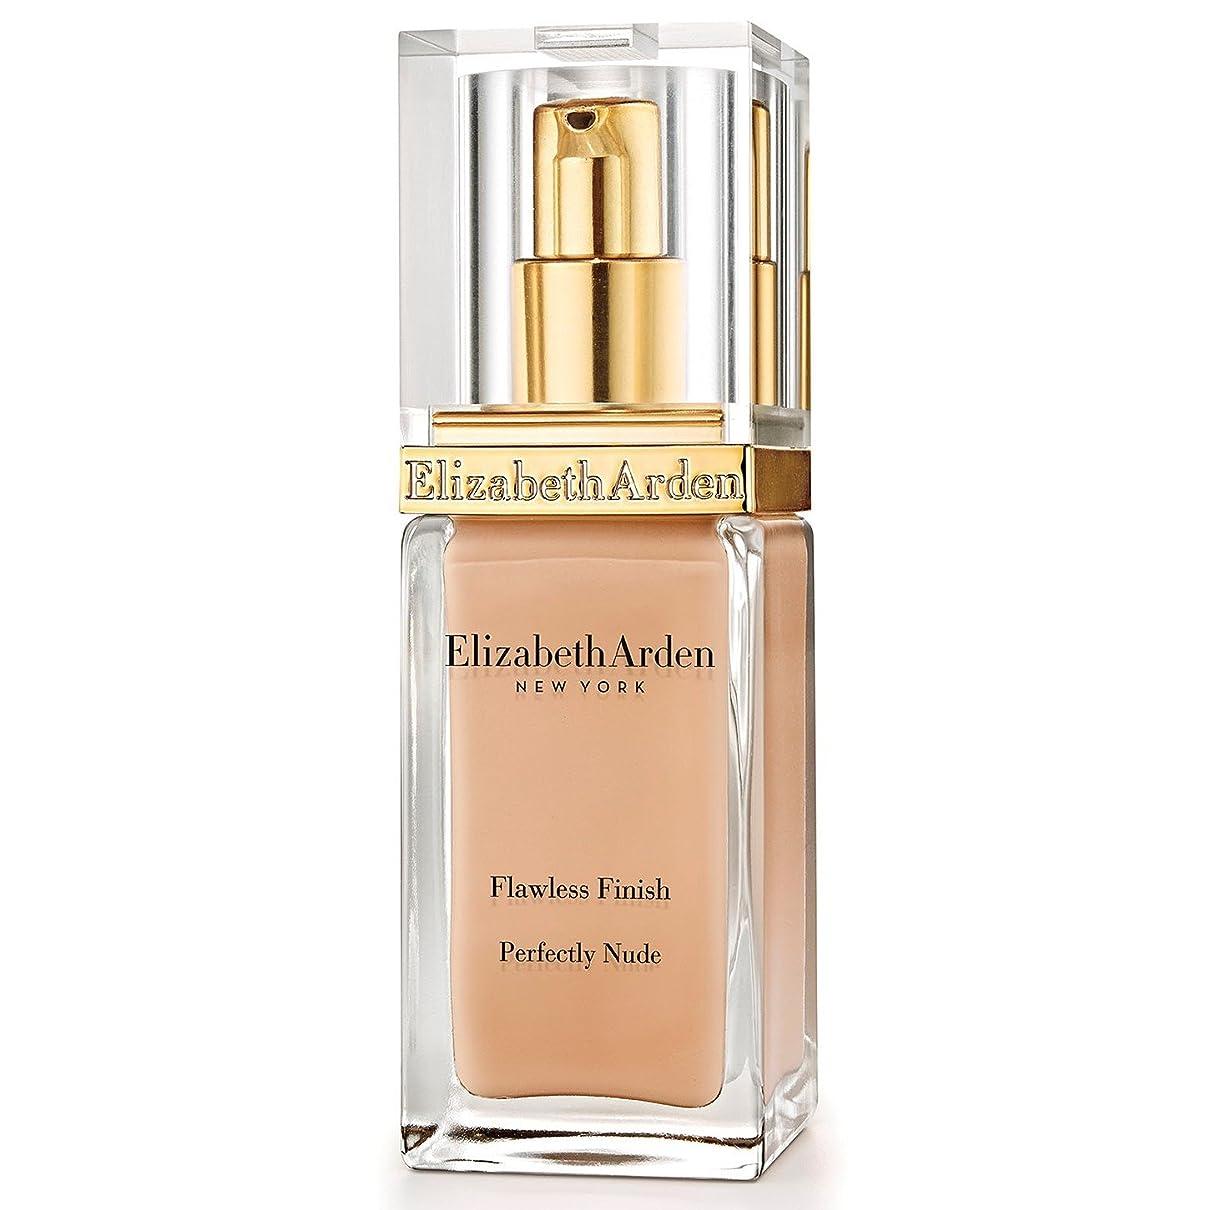 スリチンモイ敬意意外Elizabeth Arden Flawless Finish Perfectly Nude Foundation SPF 15 Sunbeige (Pack of 6) - エリザベスアーデン完璧な仕上がり完璧ヌードファンデーション 15 x6 [並行輸入品]